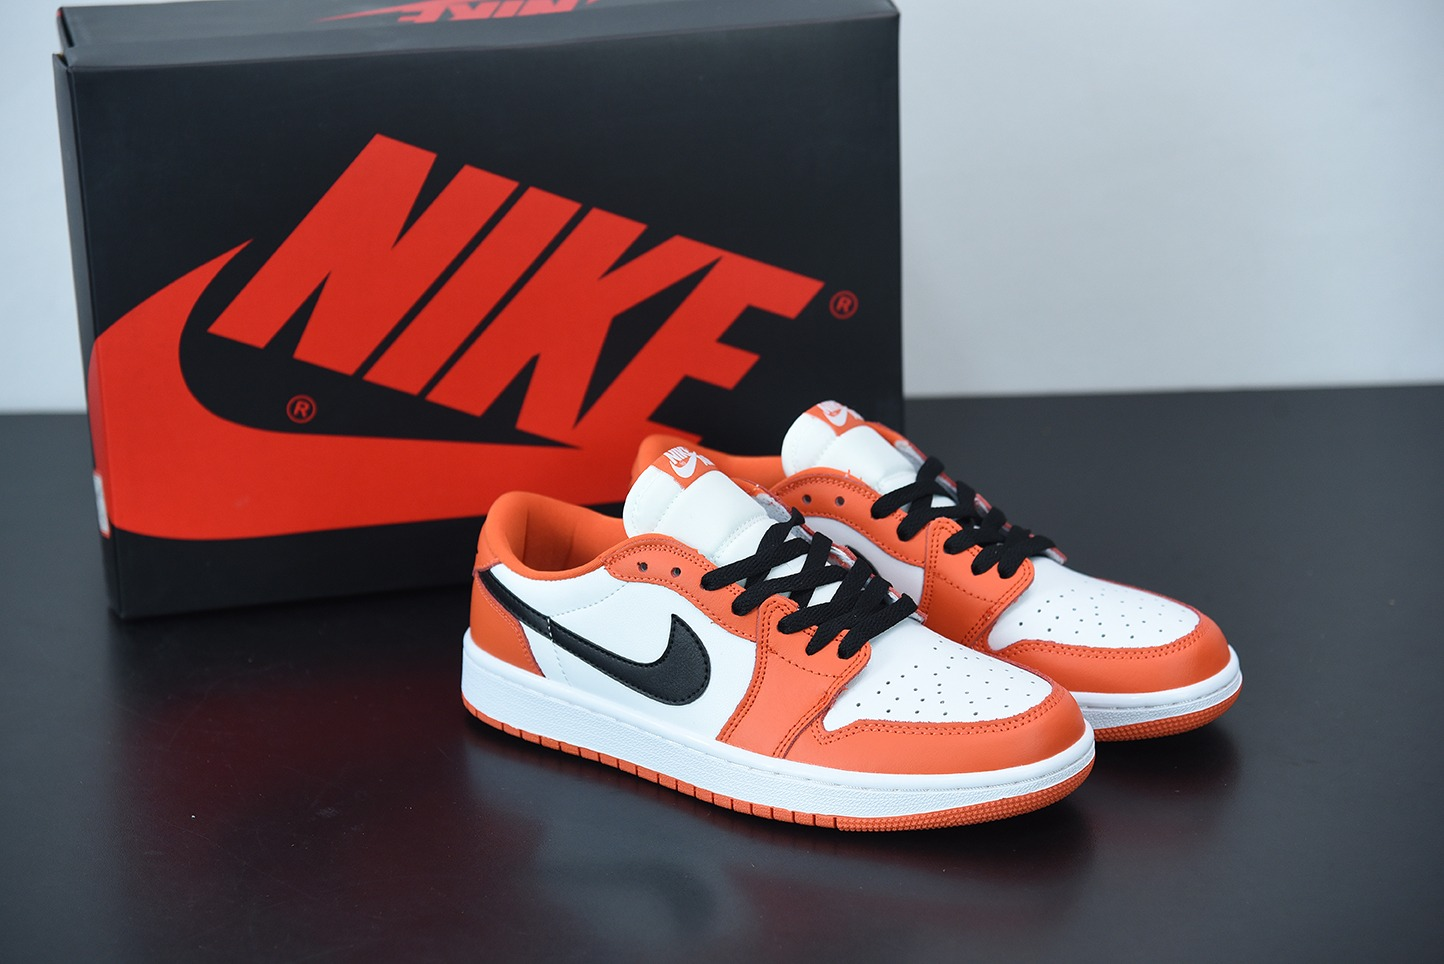 乔丹Air Jordan 1 Low 乔丹1代白橙白扣碎低帮篮球鞋纯原版本 货号:CZ0790-801